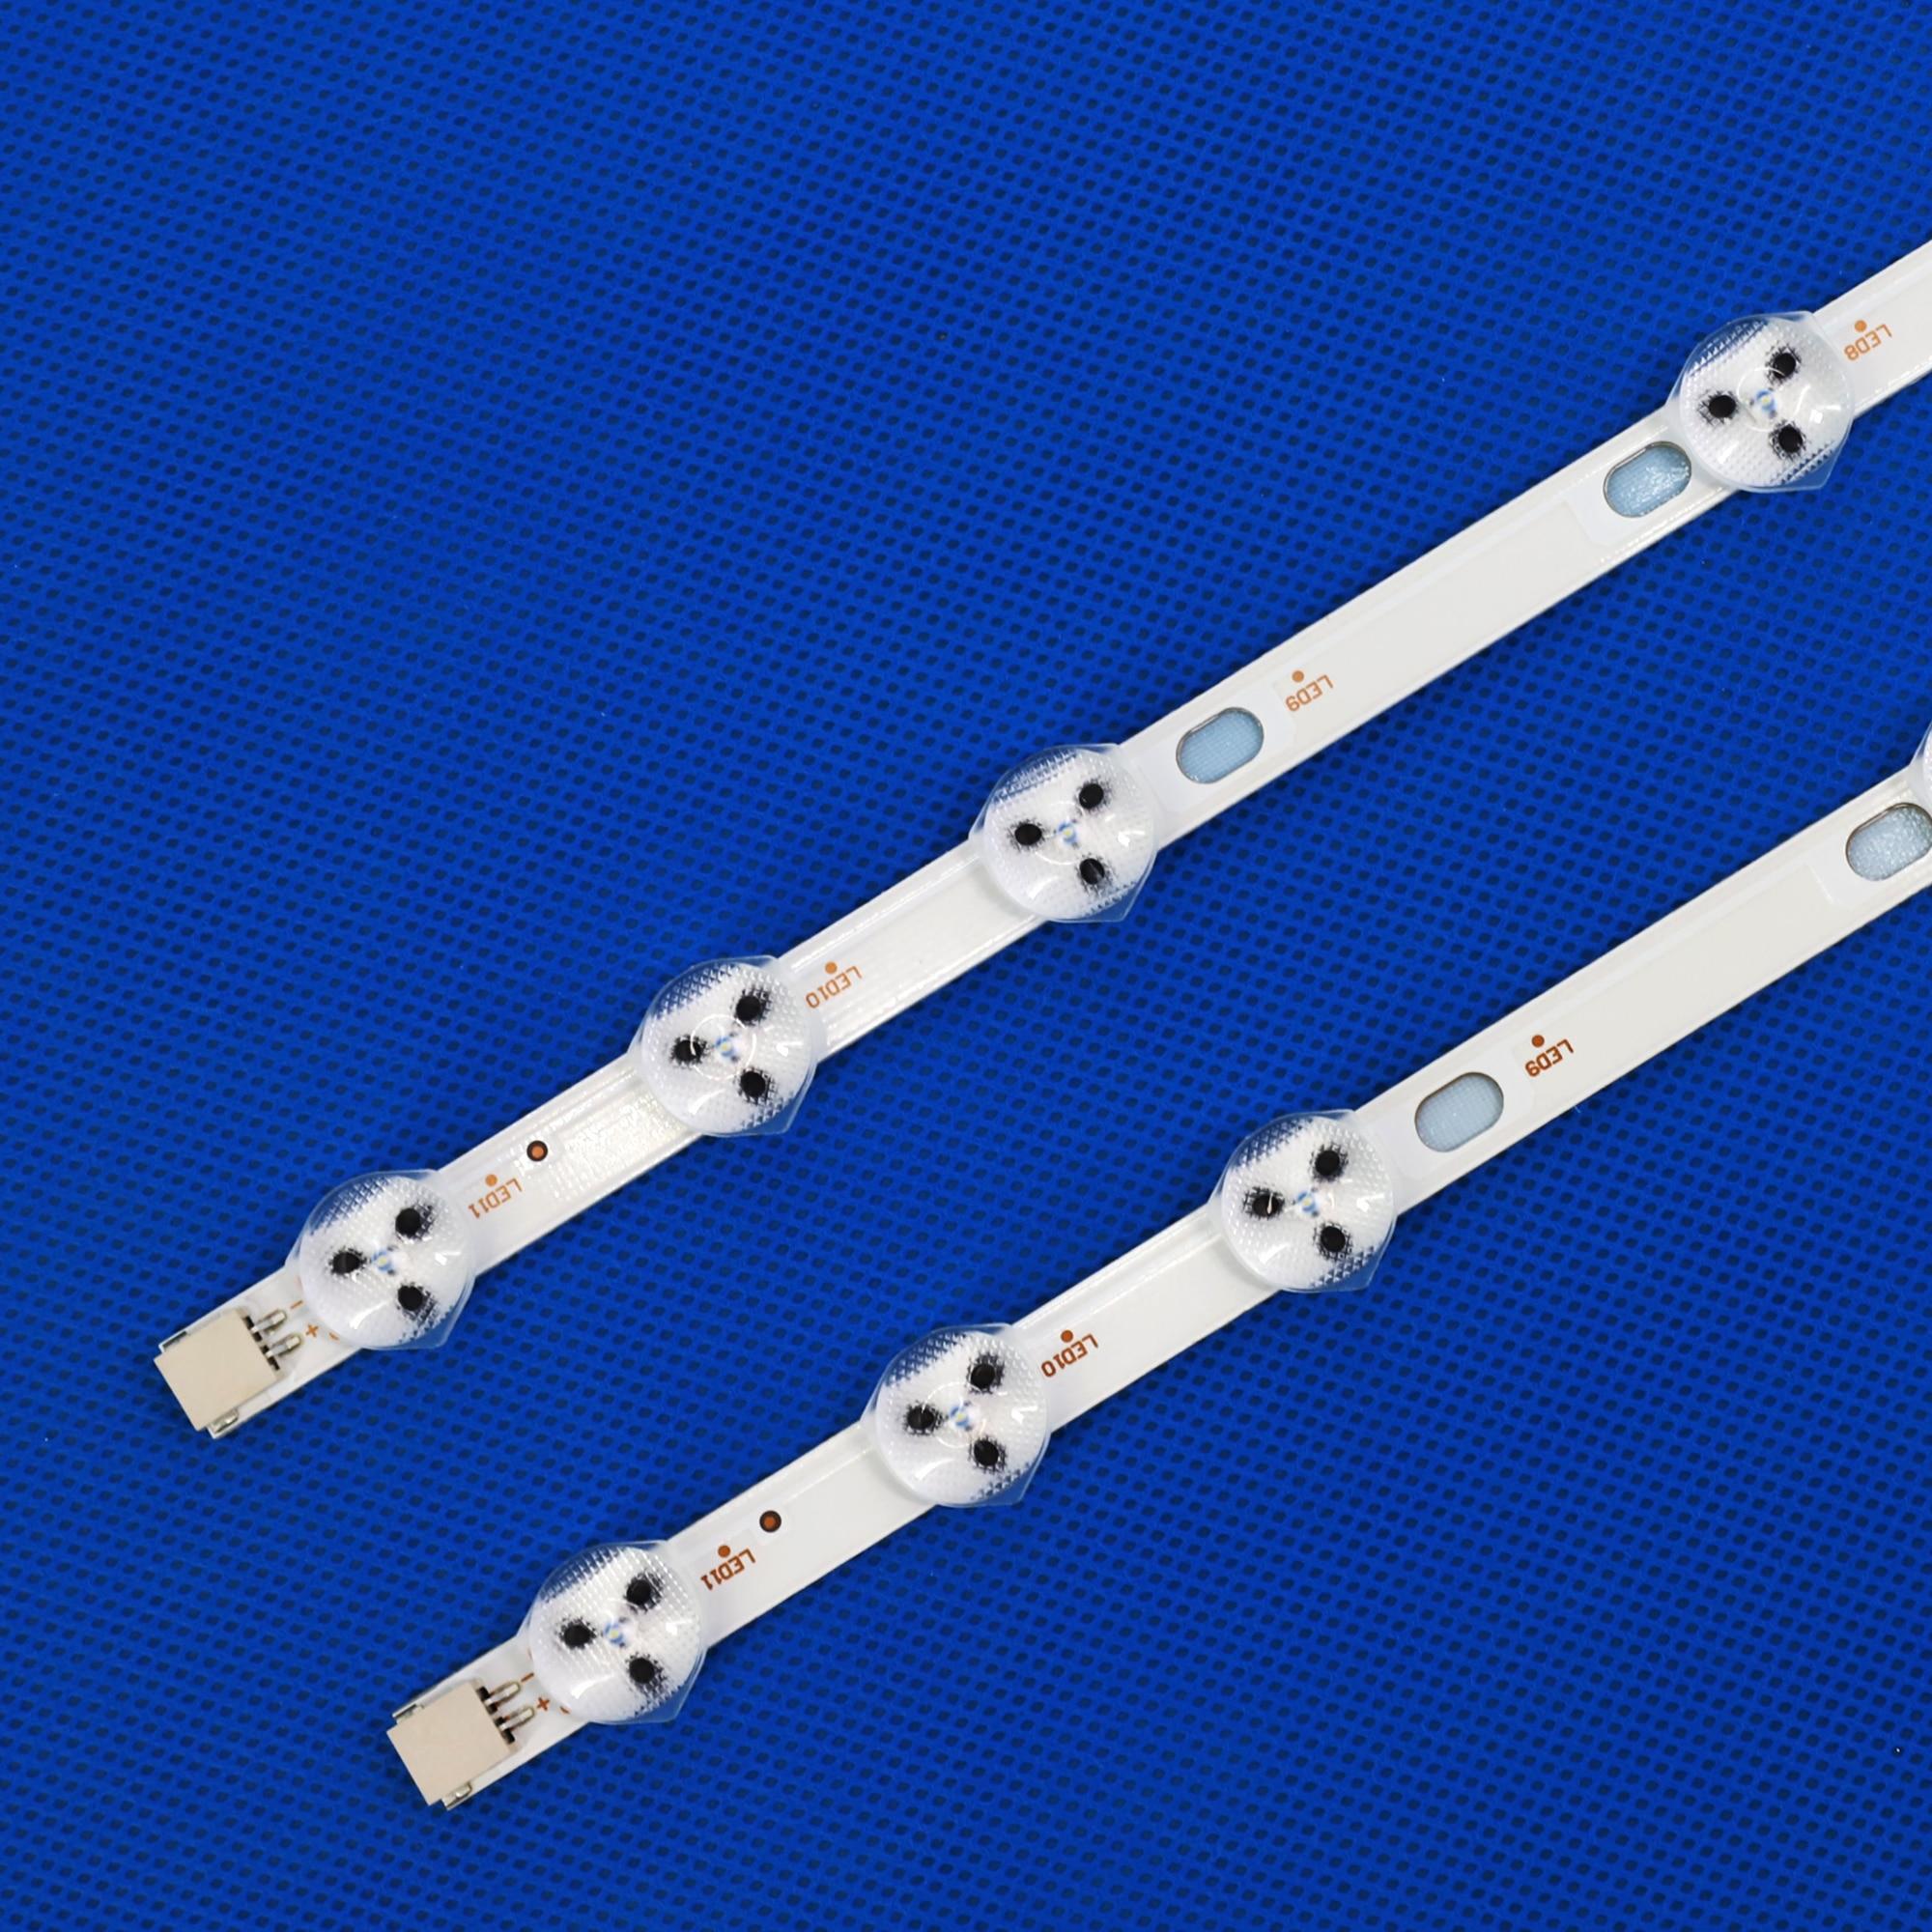 32 polegada led backlight strip substituição para vestel 32d1334db VES315WNDL-01 VES315WNDS-2D-R02 VES315WNDA-01 11-leds 575mm